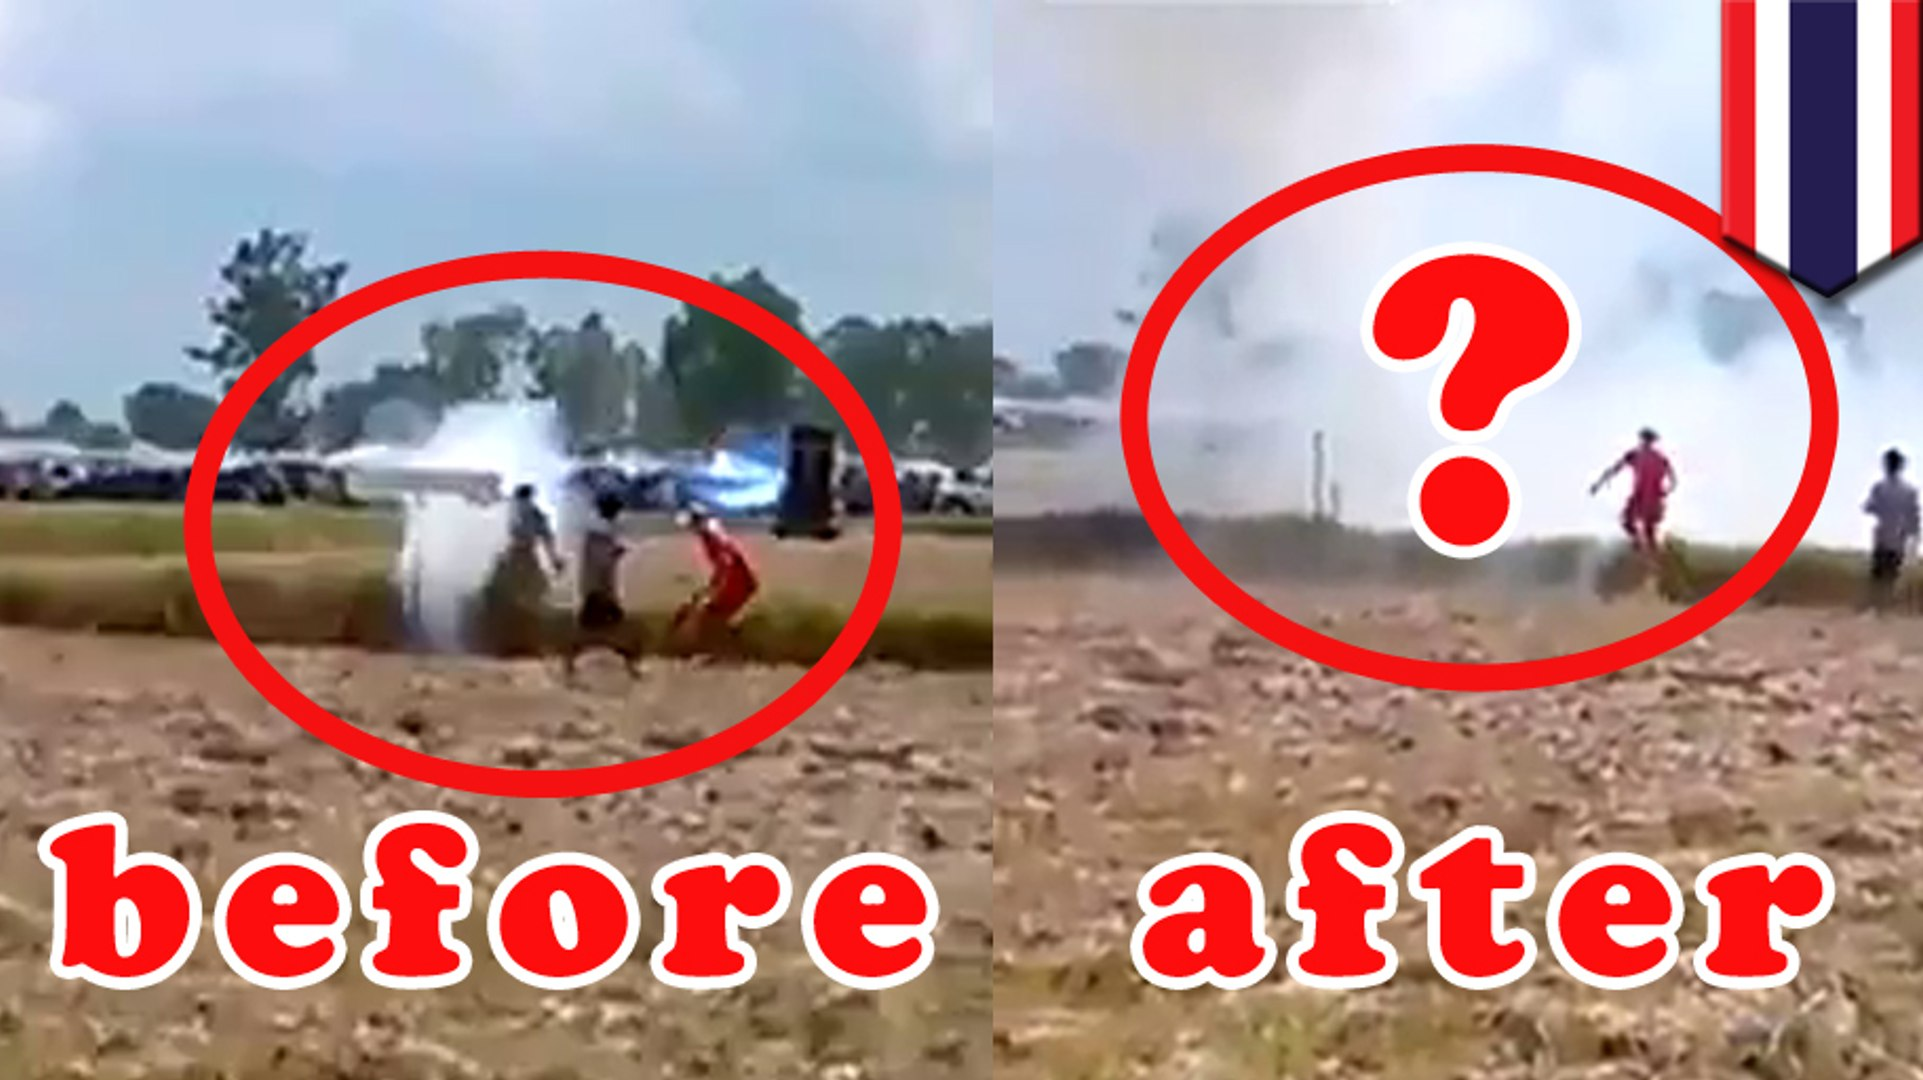 Biksu Thailand terbunuh oleh kembang api yang meledak di dekatnya - Tomonews